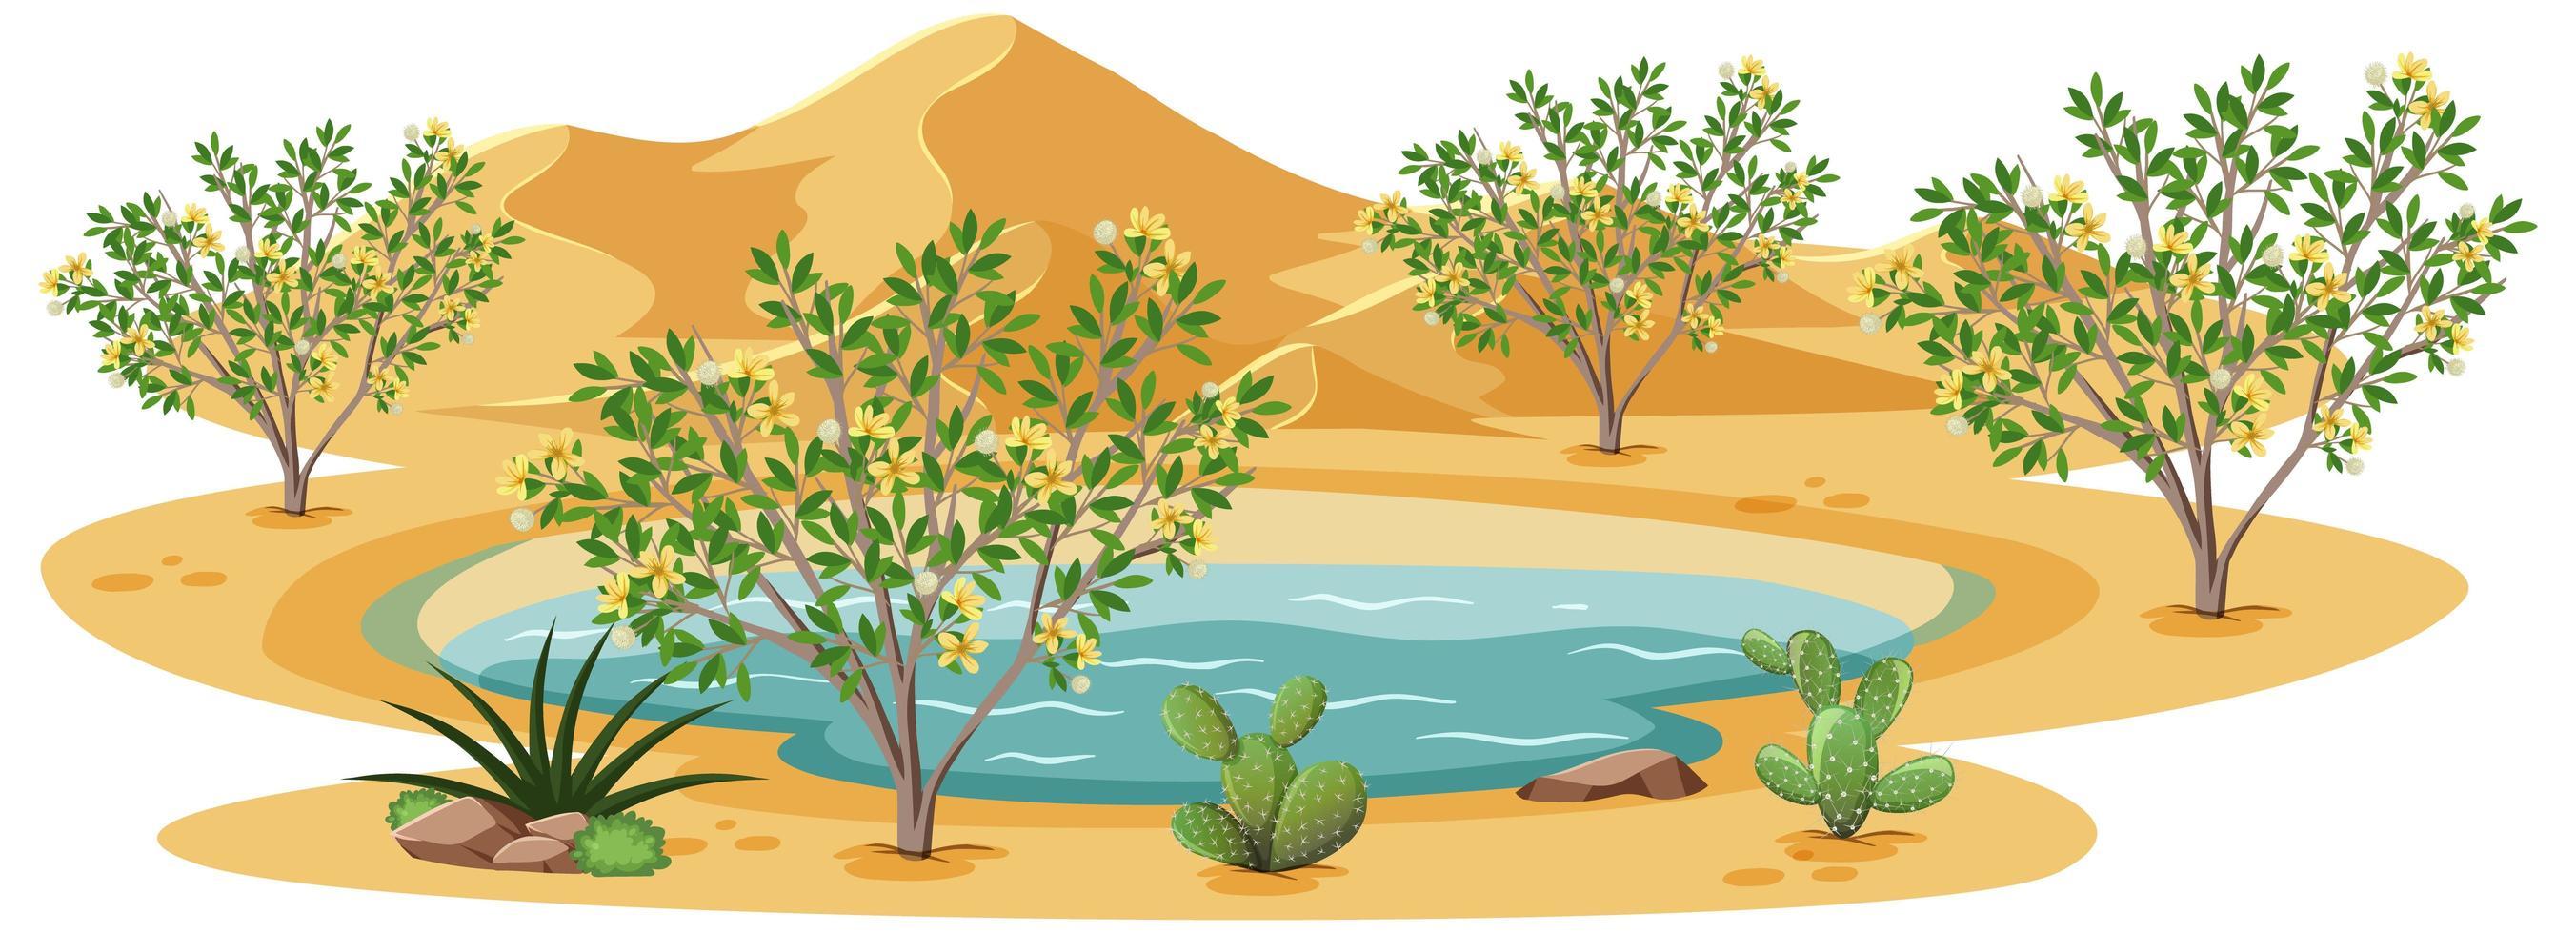 cespuglio di creosoto pianta nel deserto selvaggio su sfondo bianco vettore